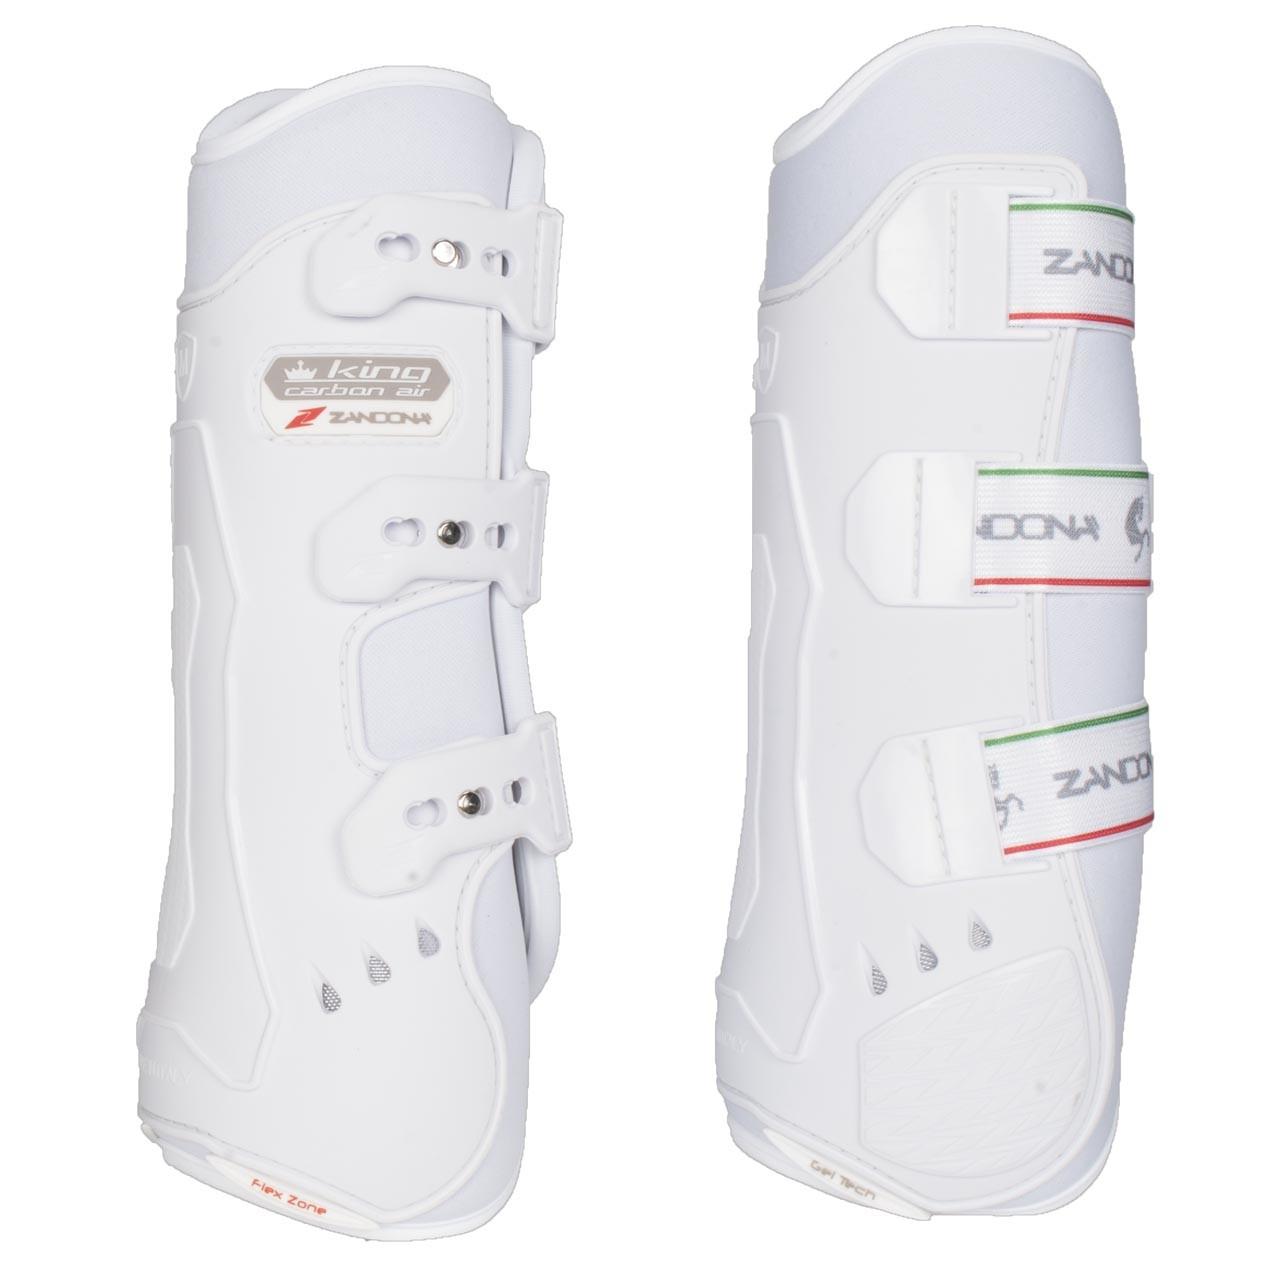 Zandona Dressage Boots King rear wit maat:m